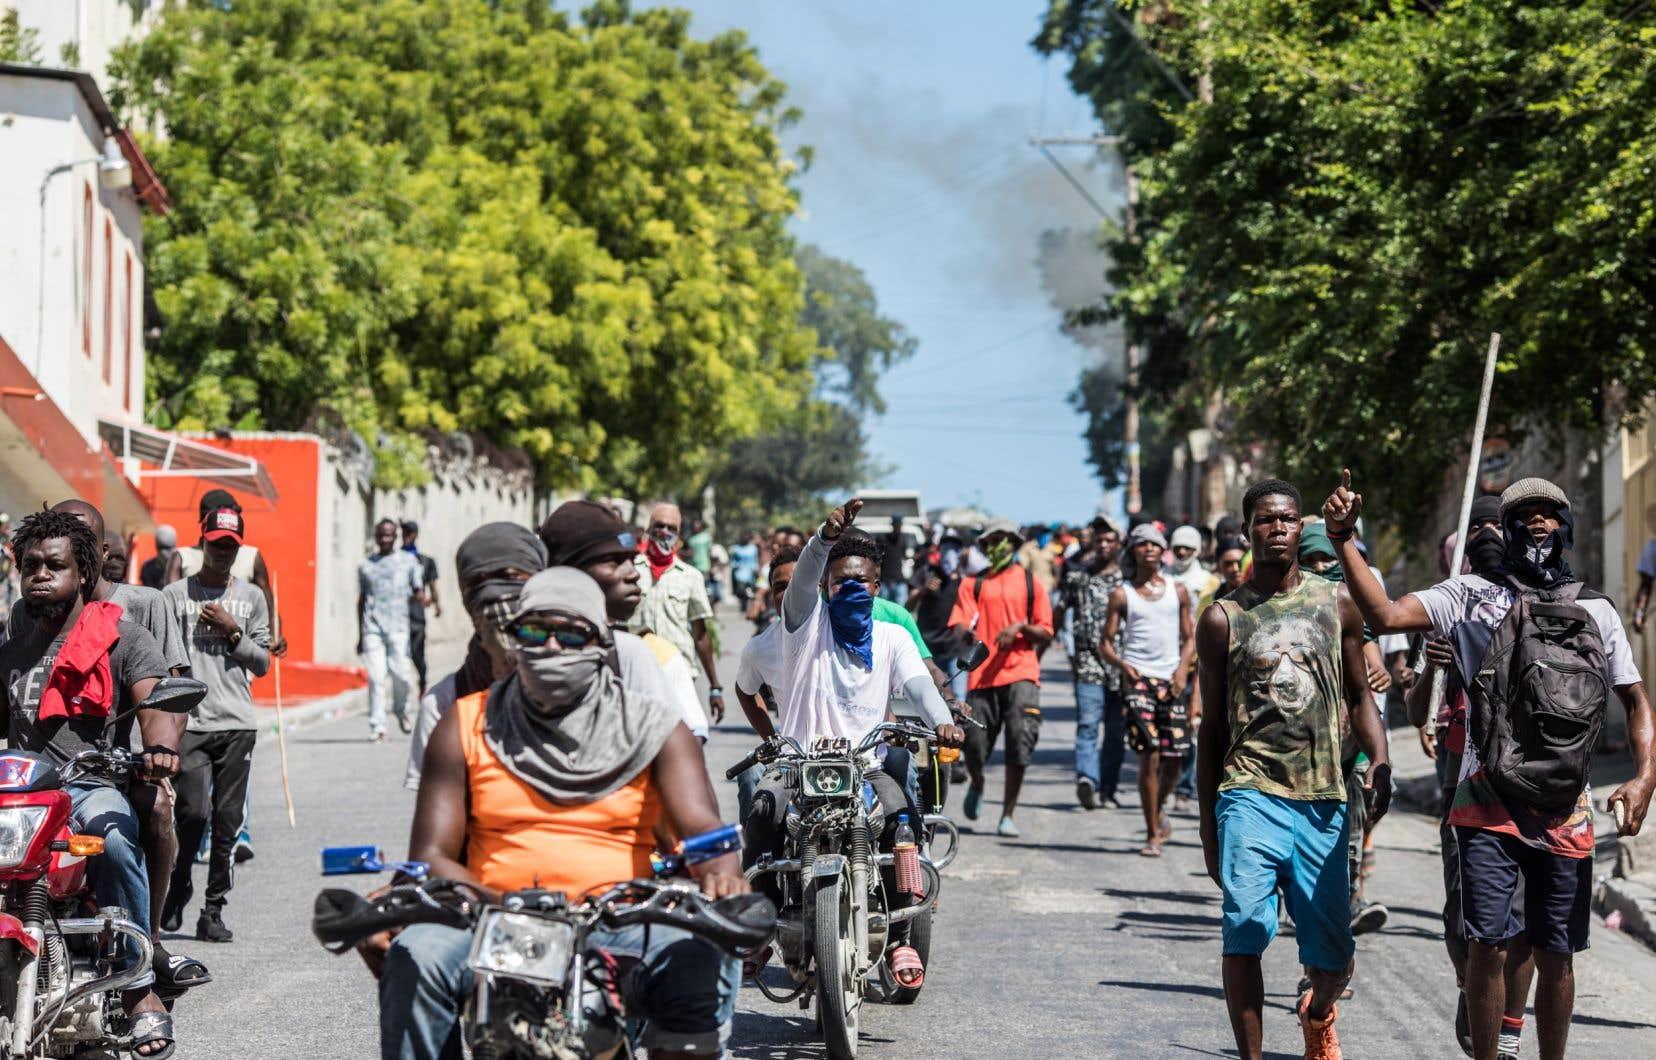 La colère populaire contre le président Jovenel Moïs s'est accentuée fin août à la suite d'une pénurie de carburants généralisée en Haïti.